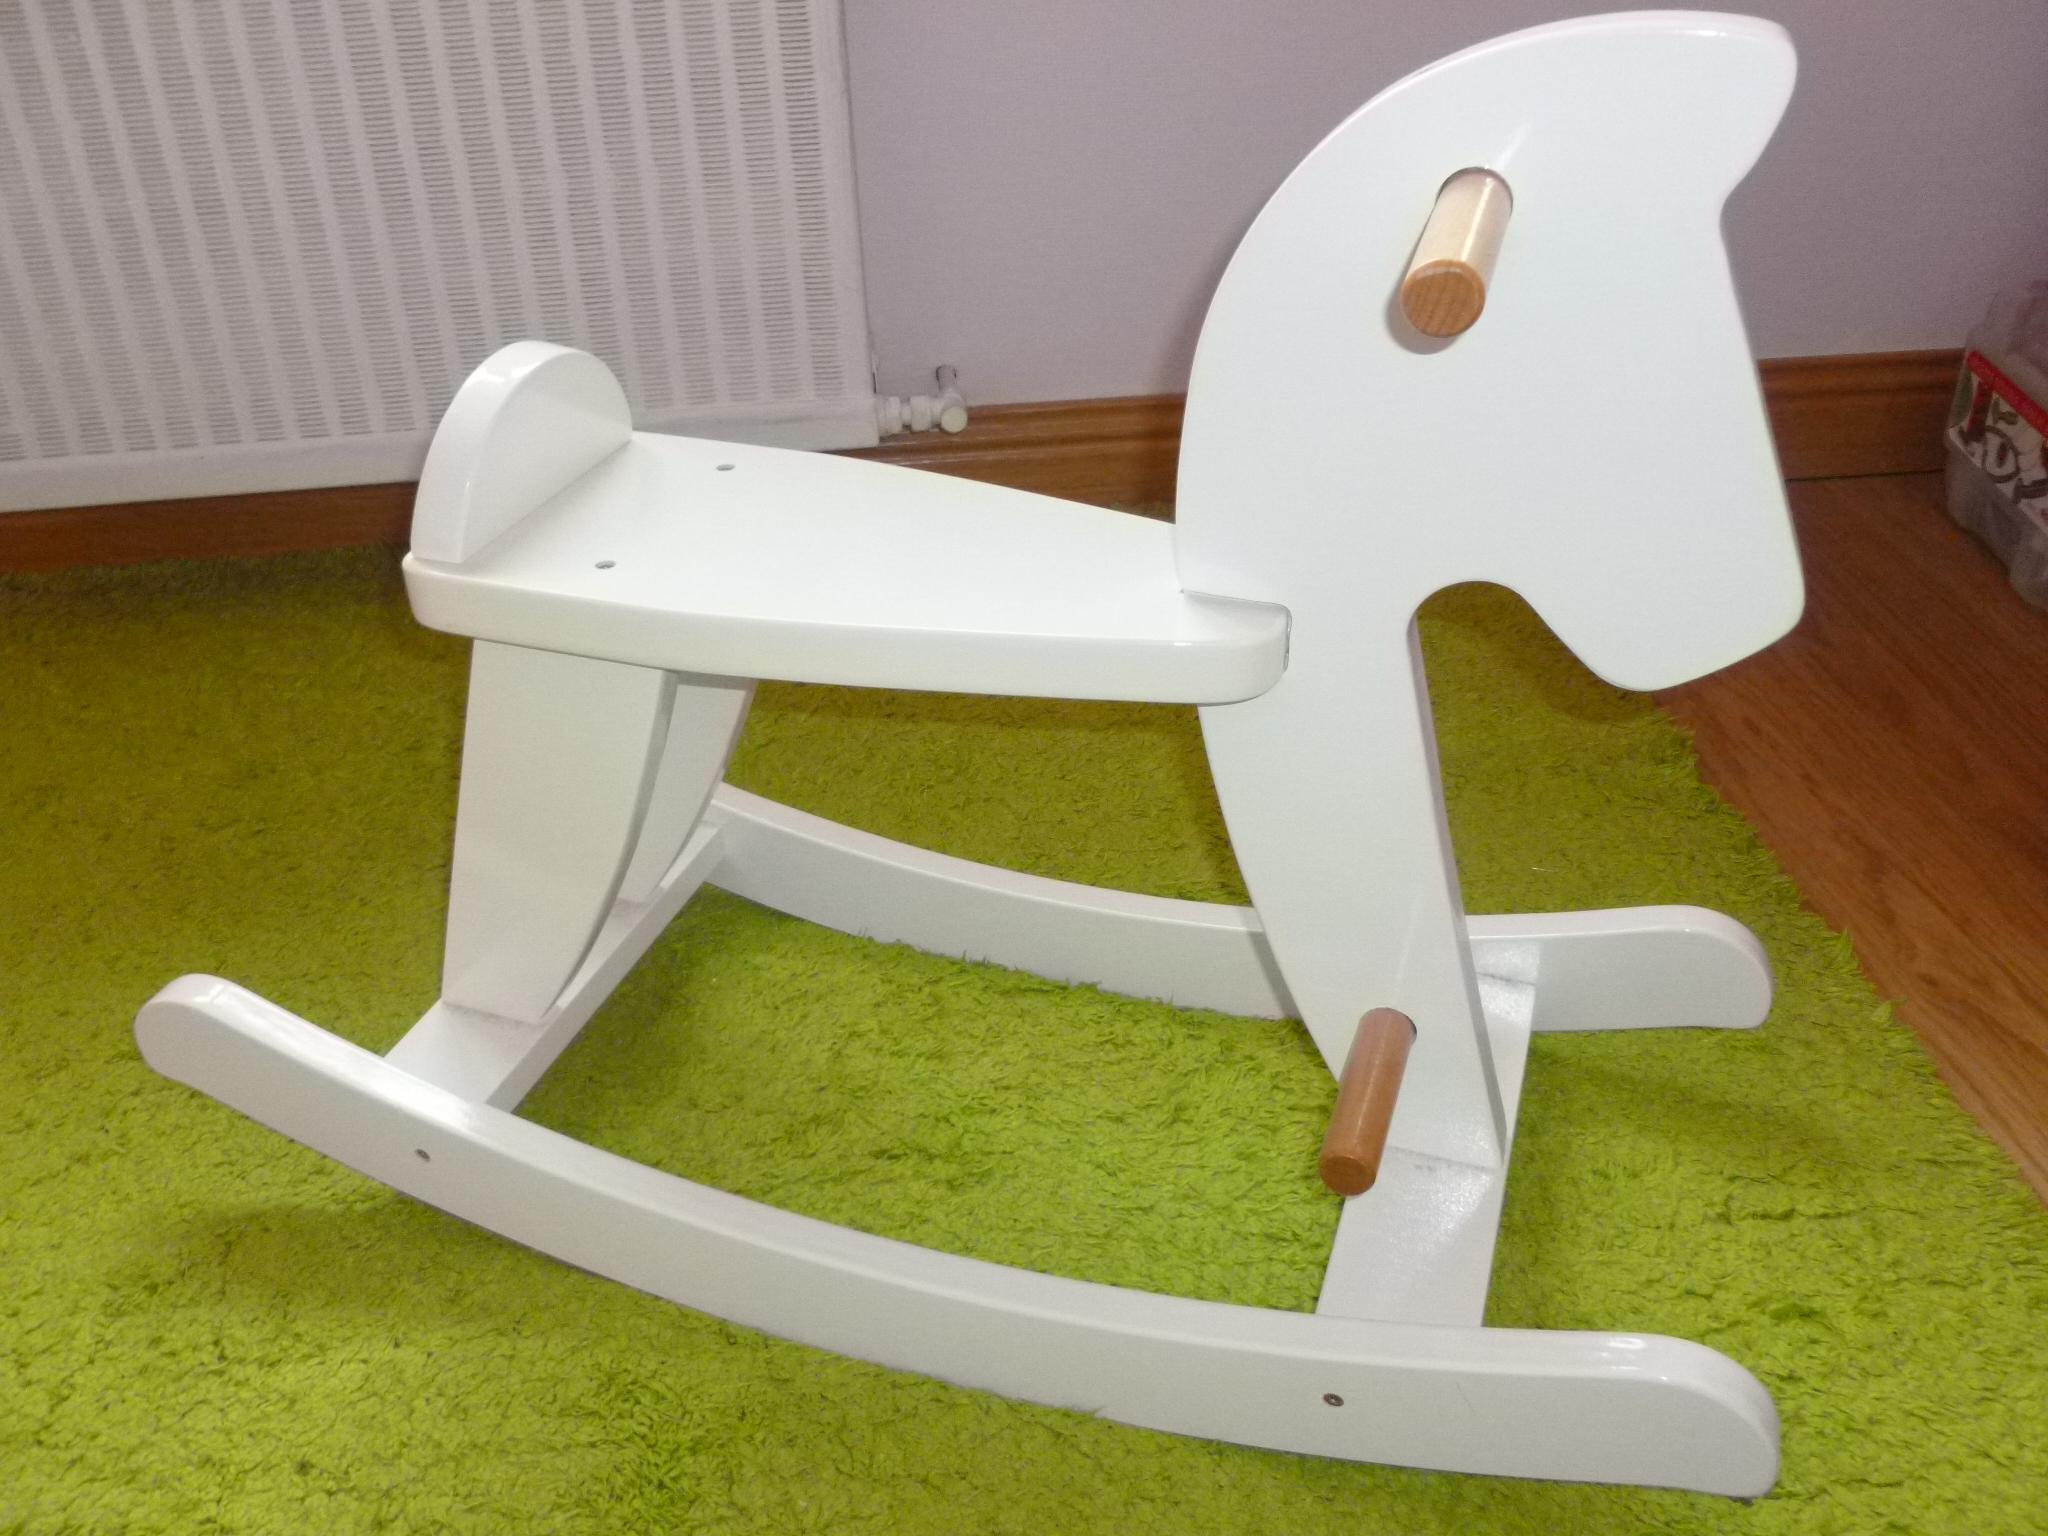 cheval a bascule blanc bois vendu klemax photos. Black Bedroom Furniture Sets. Home Design Ideas